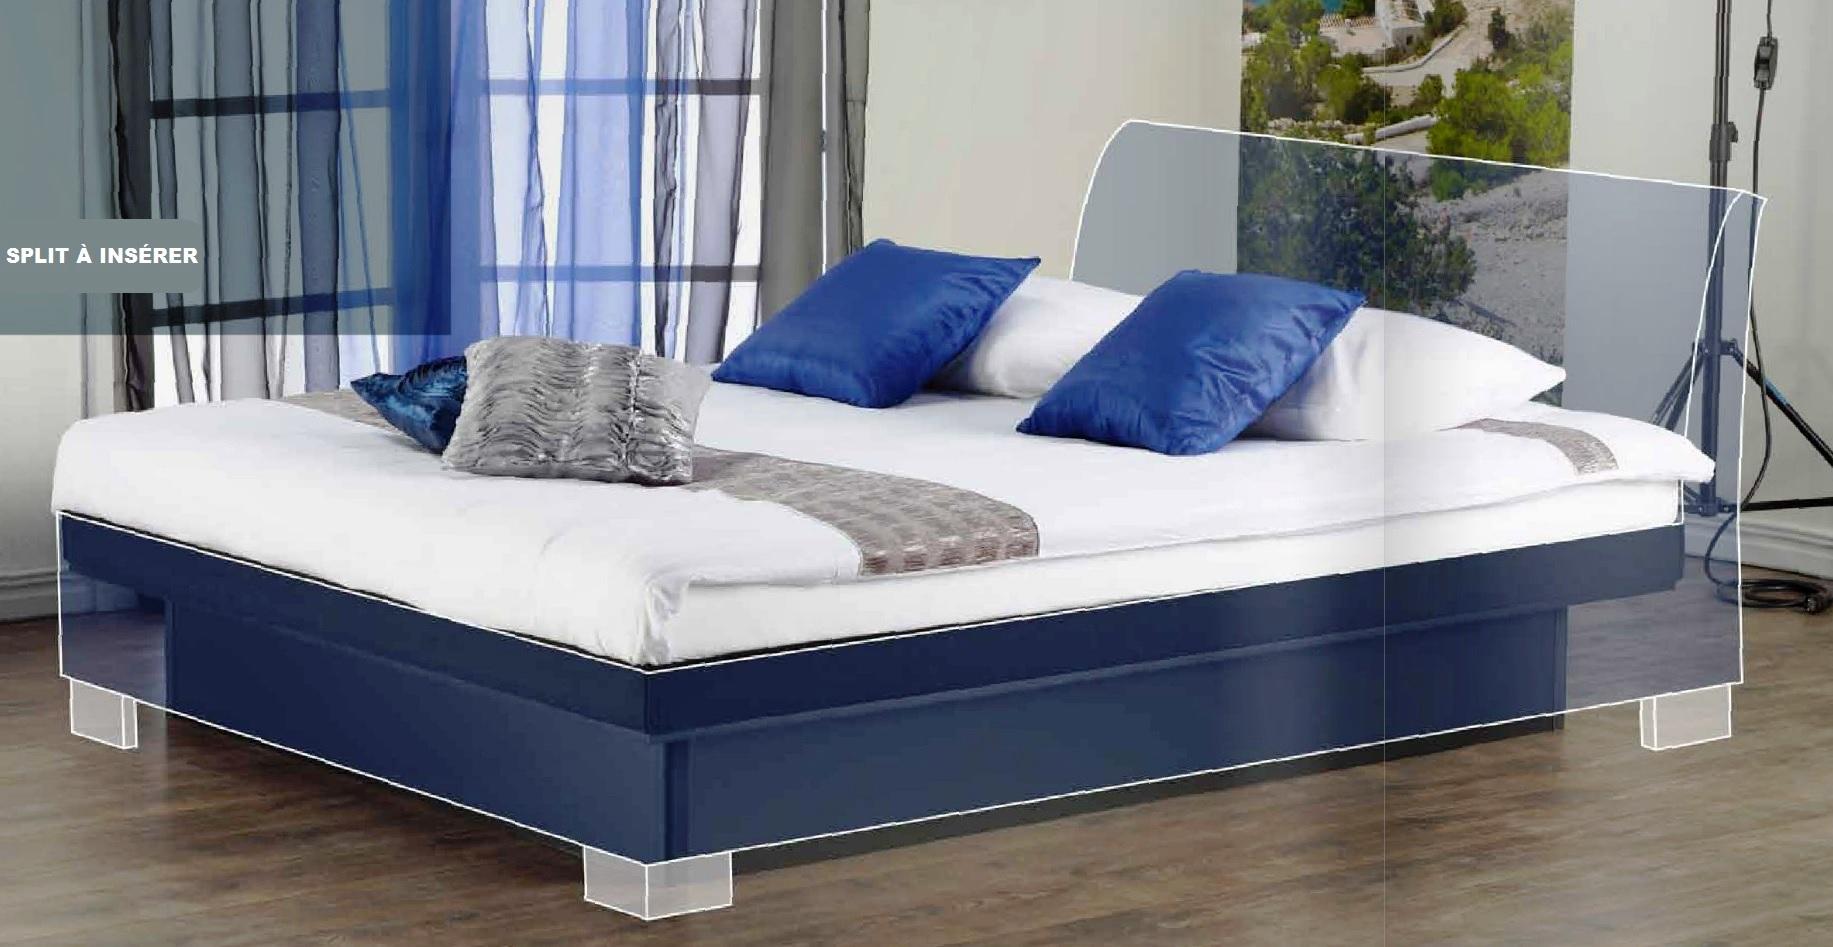 lit a eau split dans cadre de lit